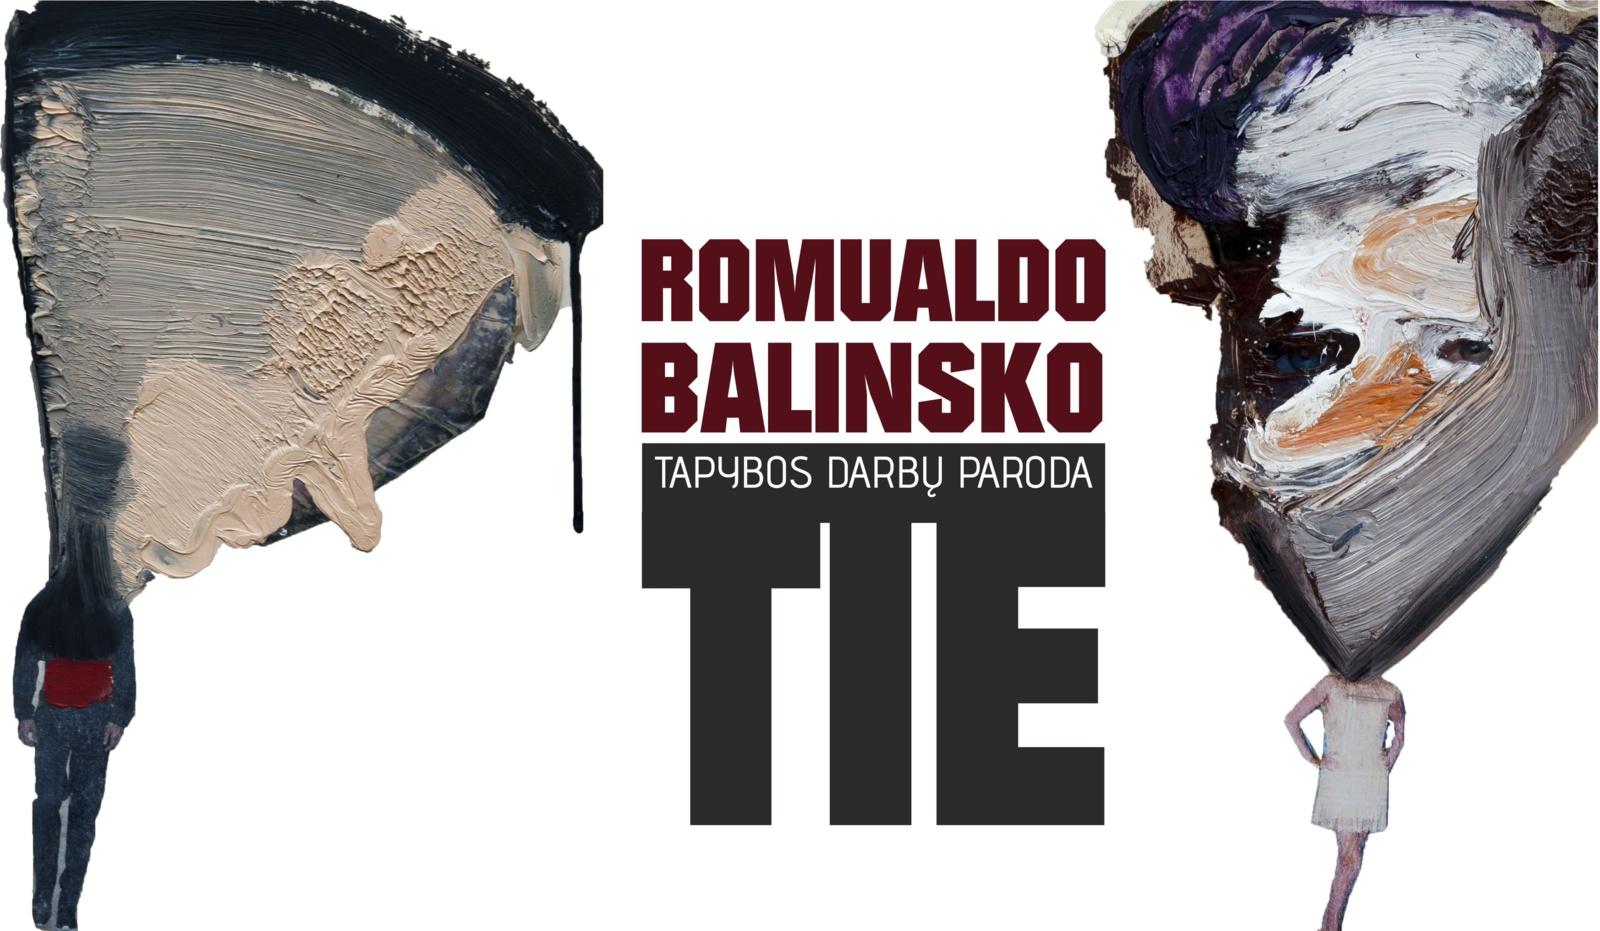 """Romualdo Balinsko tapybos darbų parodos """"Tie"""" atidarymas"""